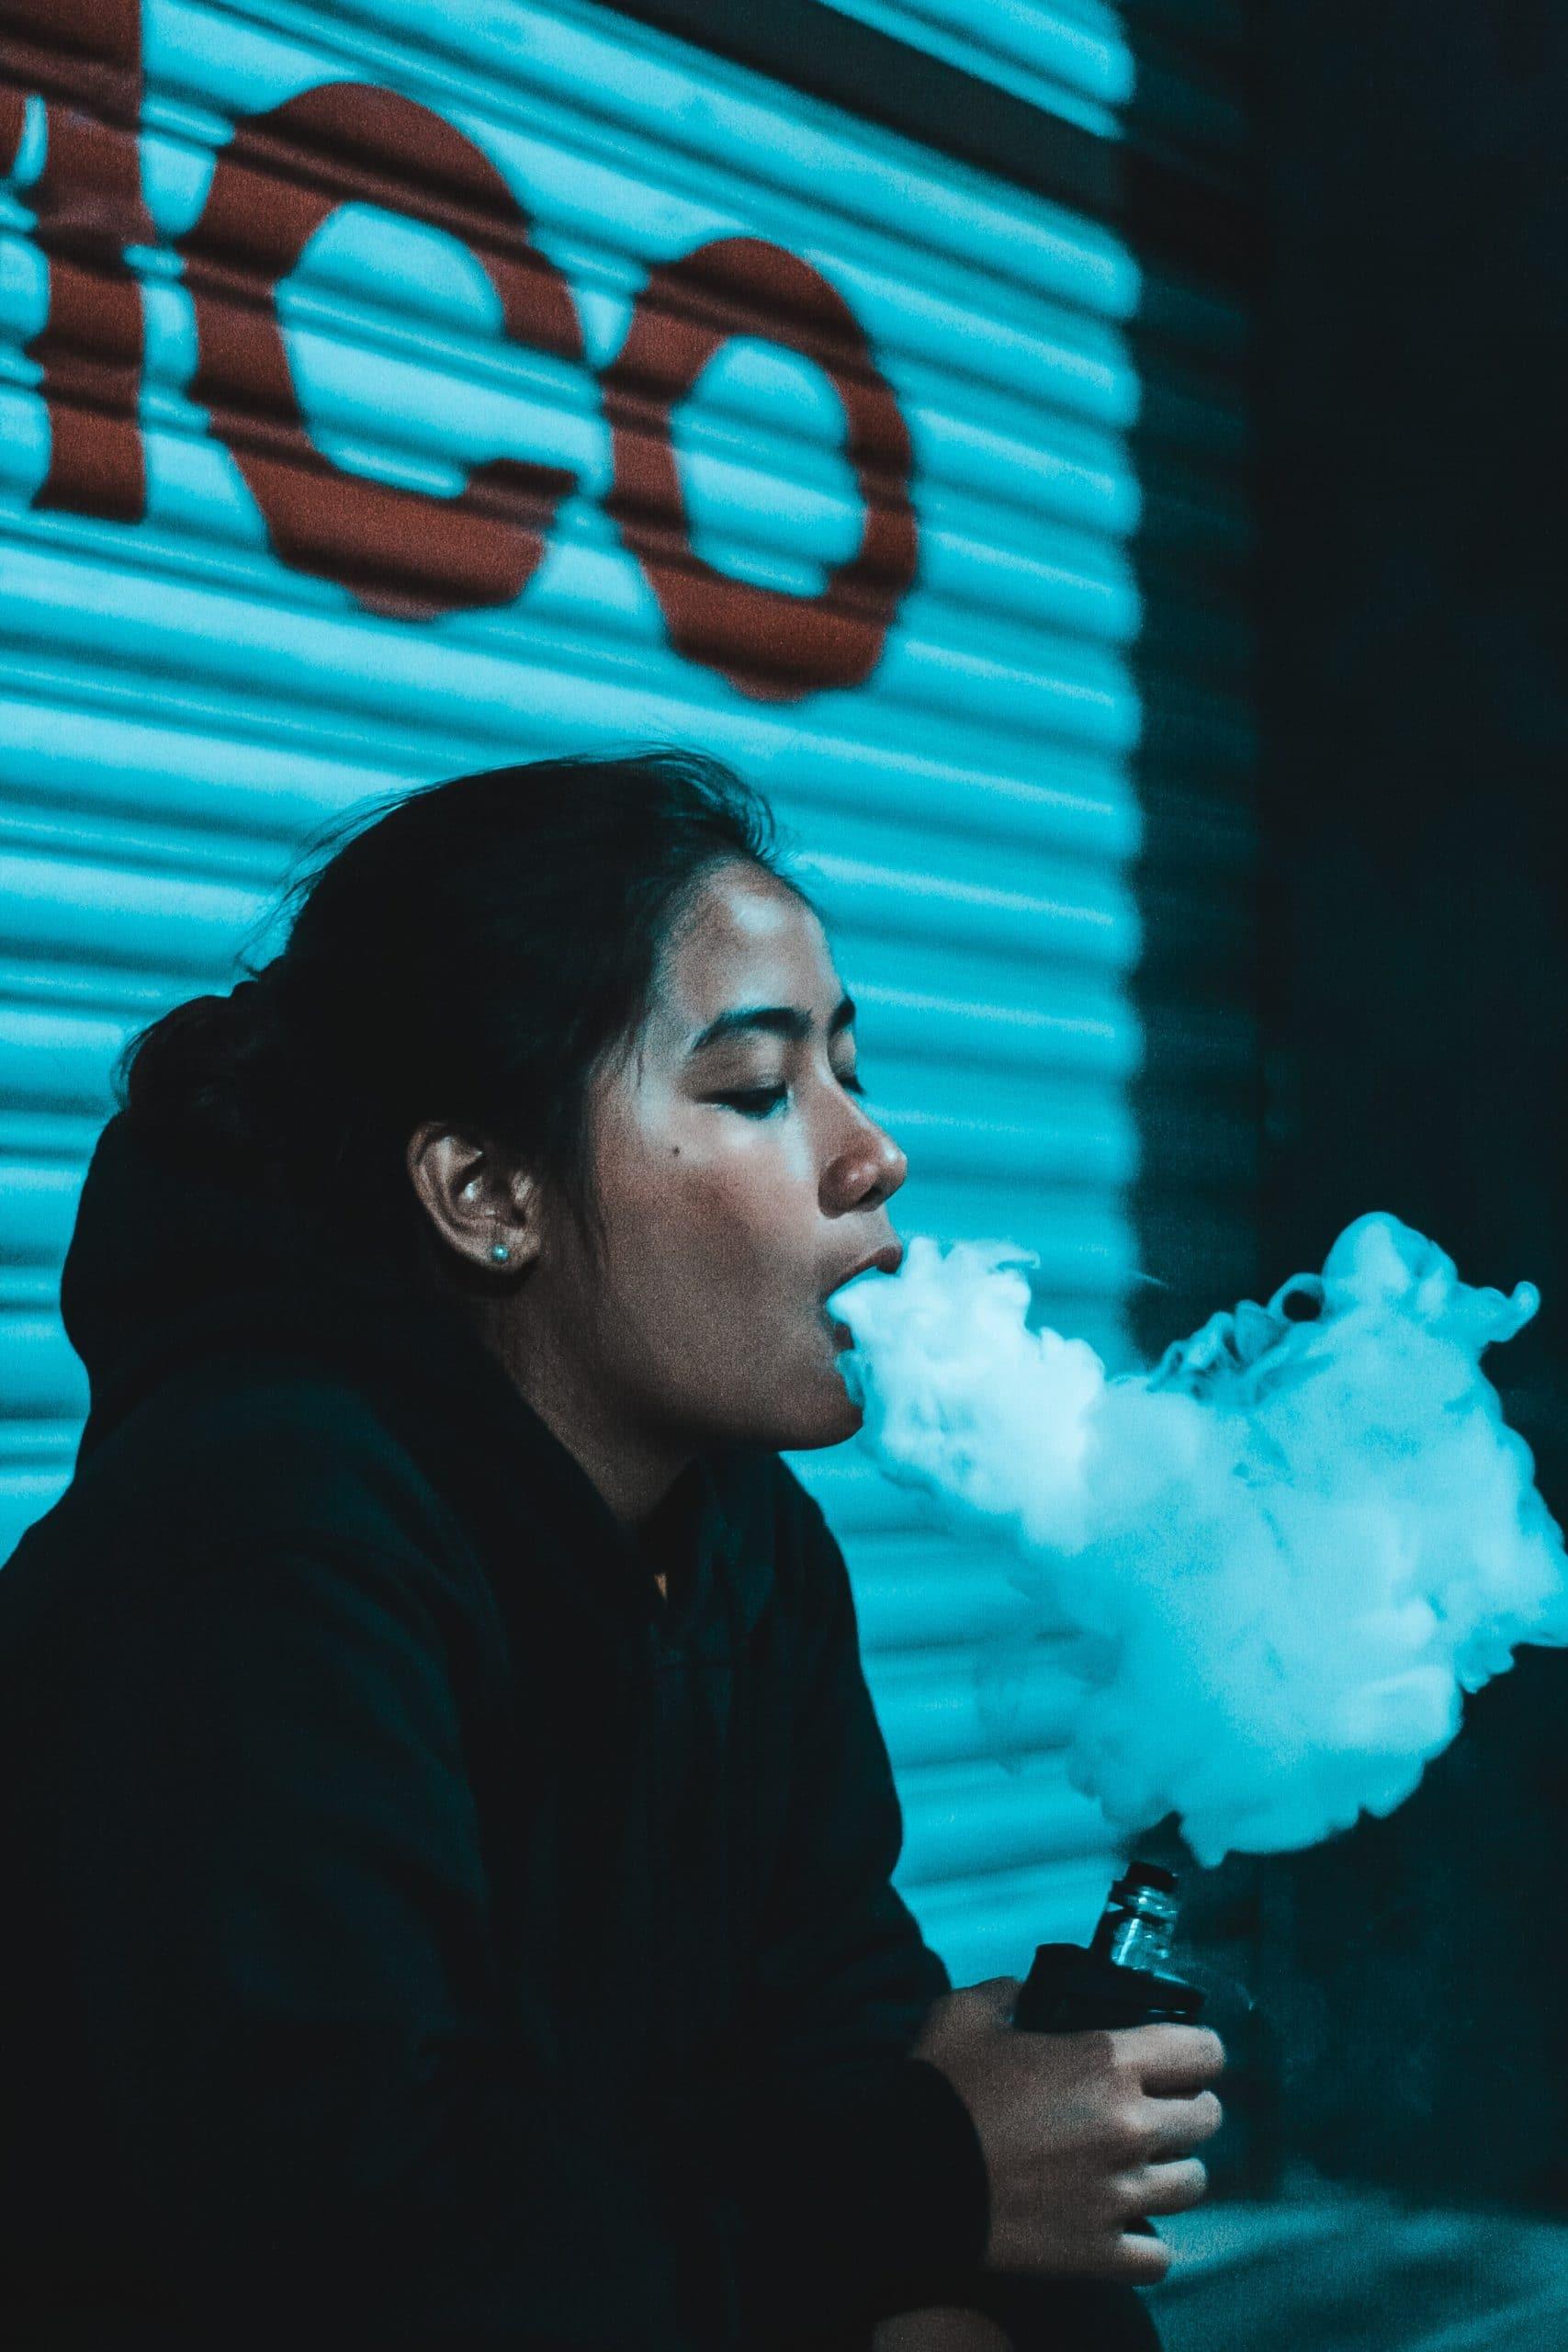 Mädchen mit E zigarette in Hand raucht